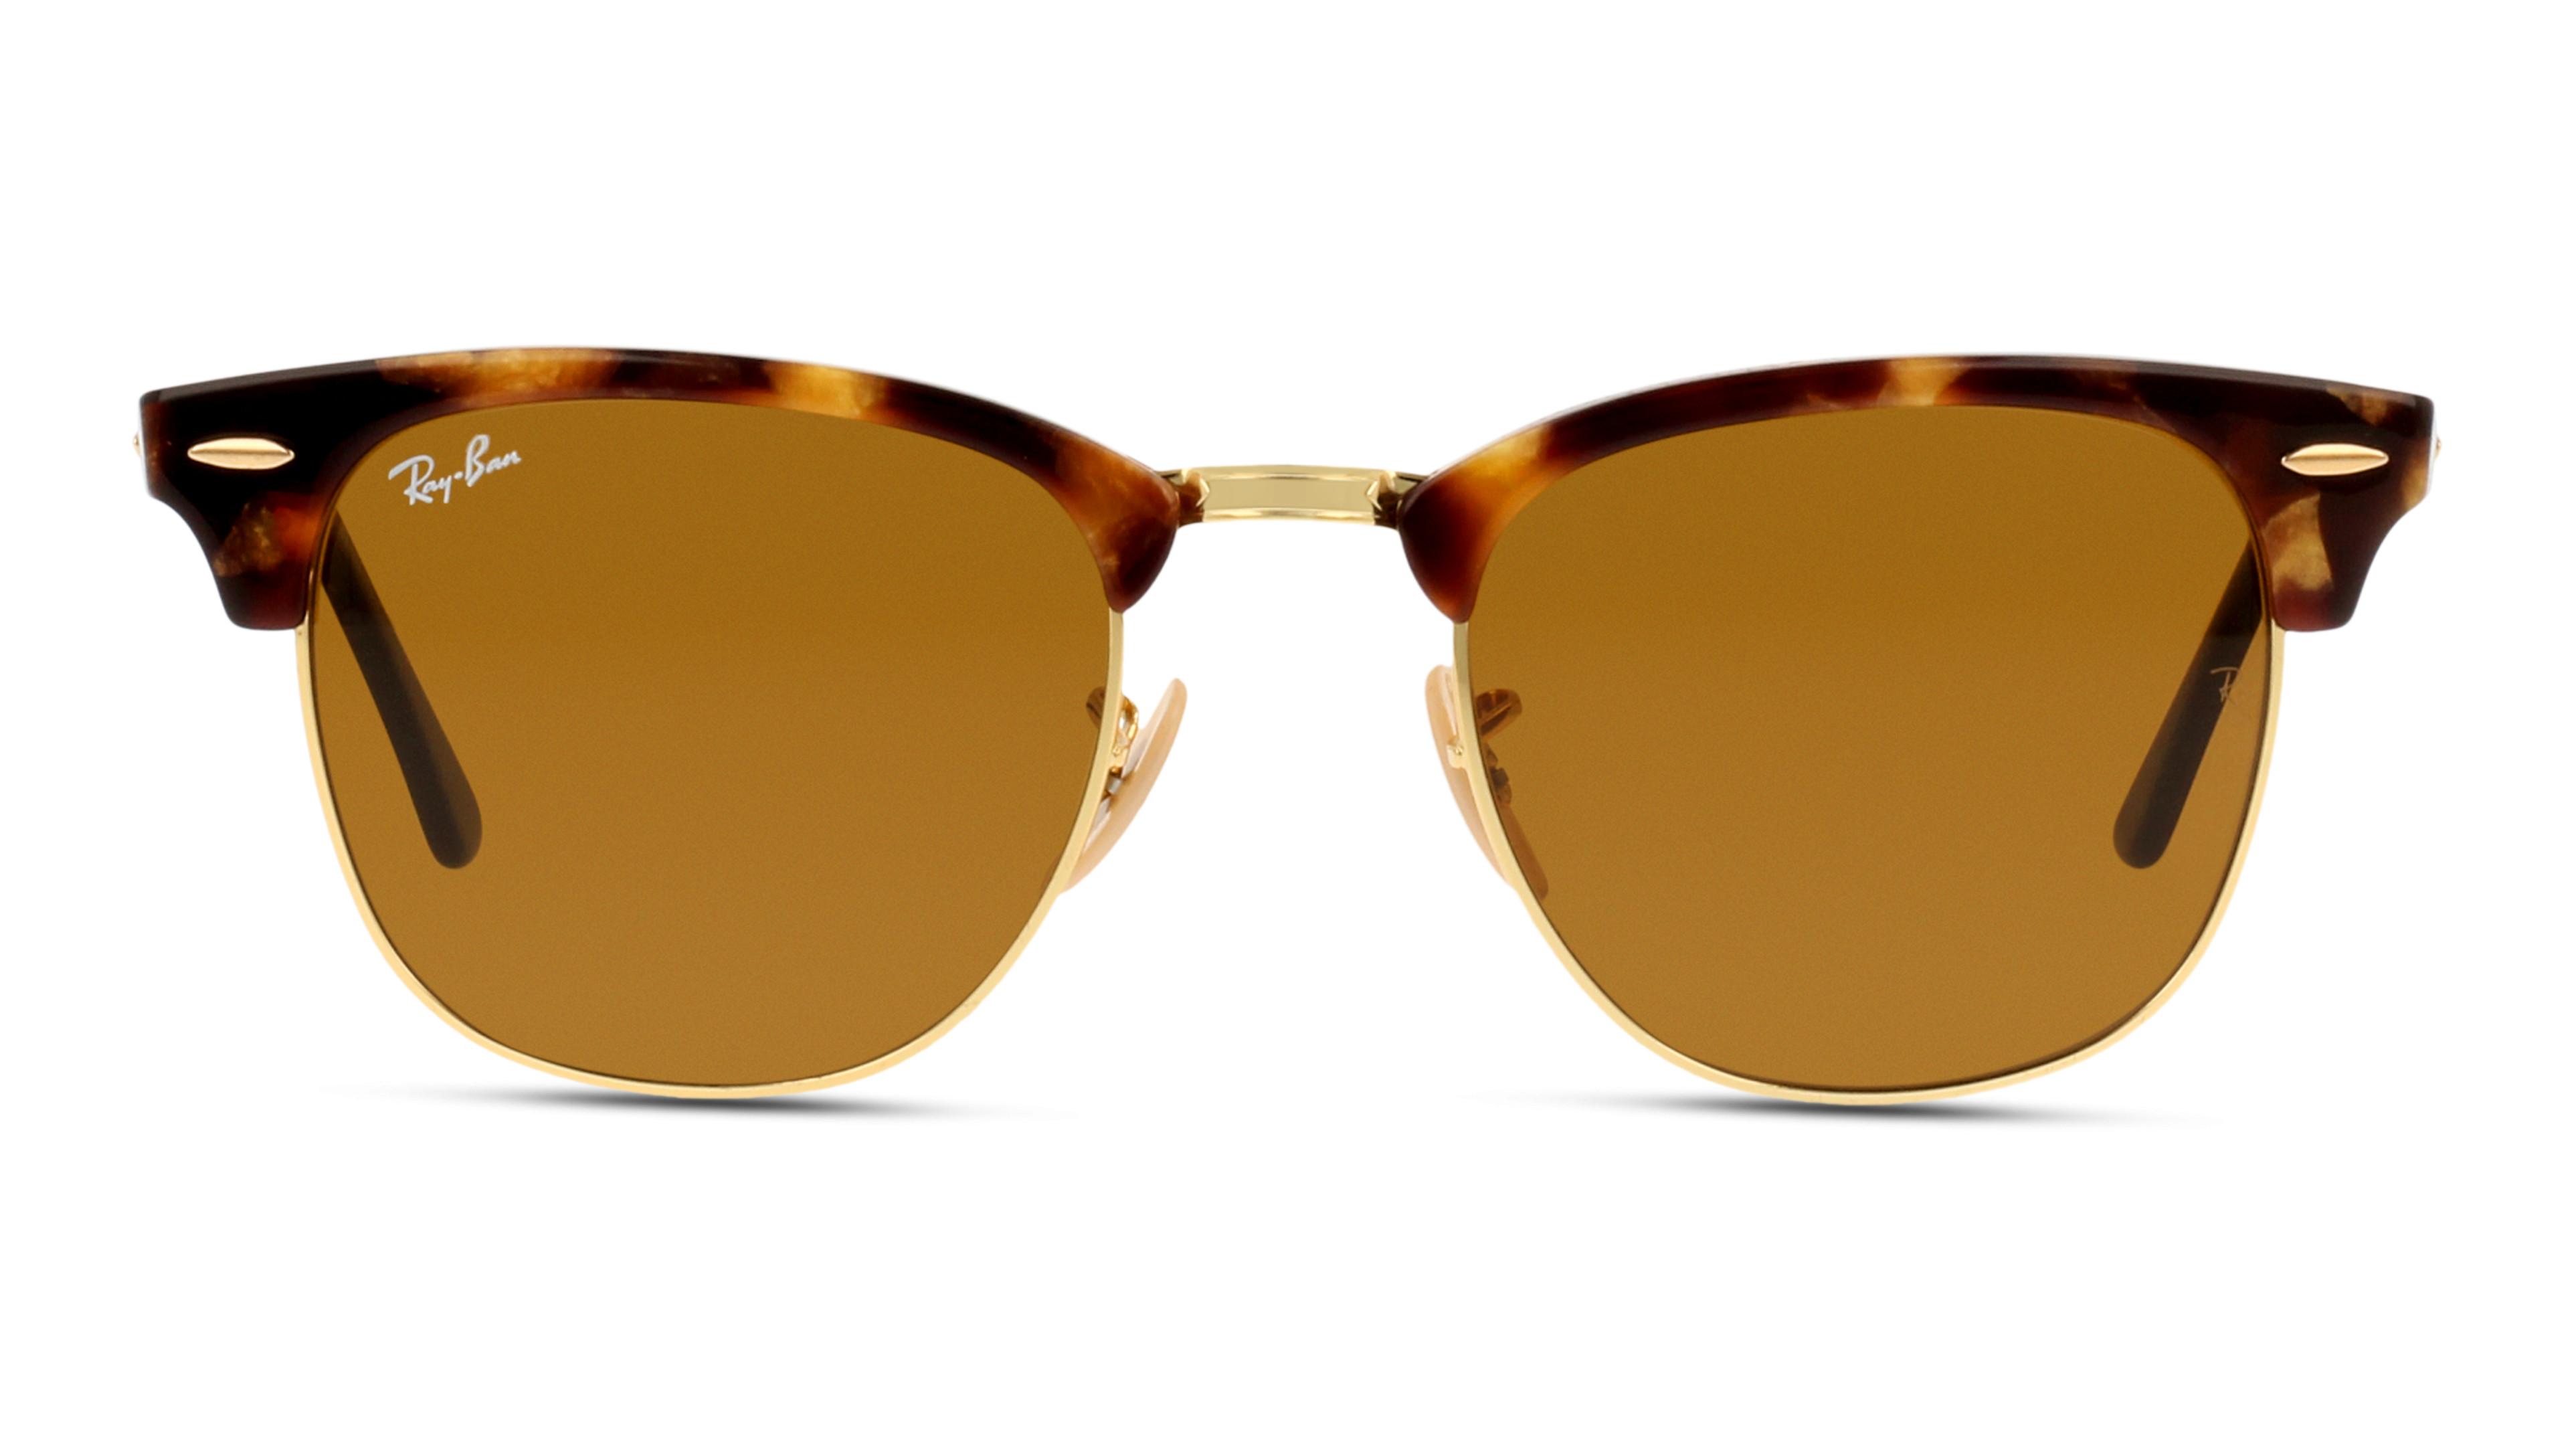 8053672346190-front-01-rayban-glasses-eyewear-pair